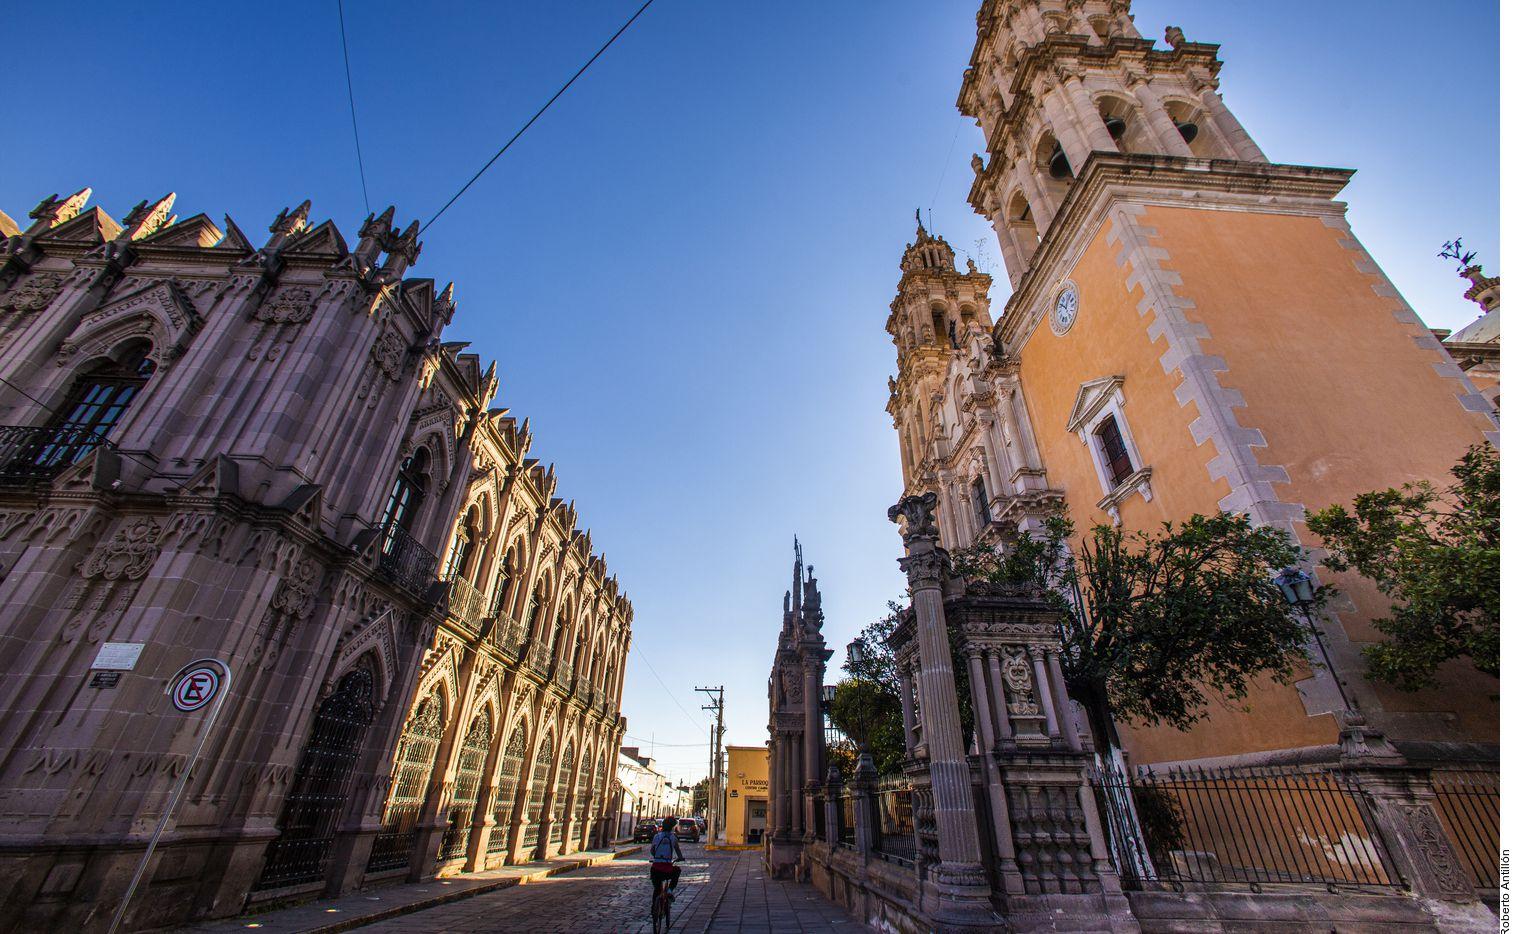 Dentro del centro histórico de Jerez, Zacatecas, destacan dos edificaciones: la Parroquia de Nuestra Señora de la Soledad y el Teatro Hinojosa, un recinto que evoca a una réplica del Teatro Ford de Washington DC.